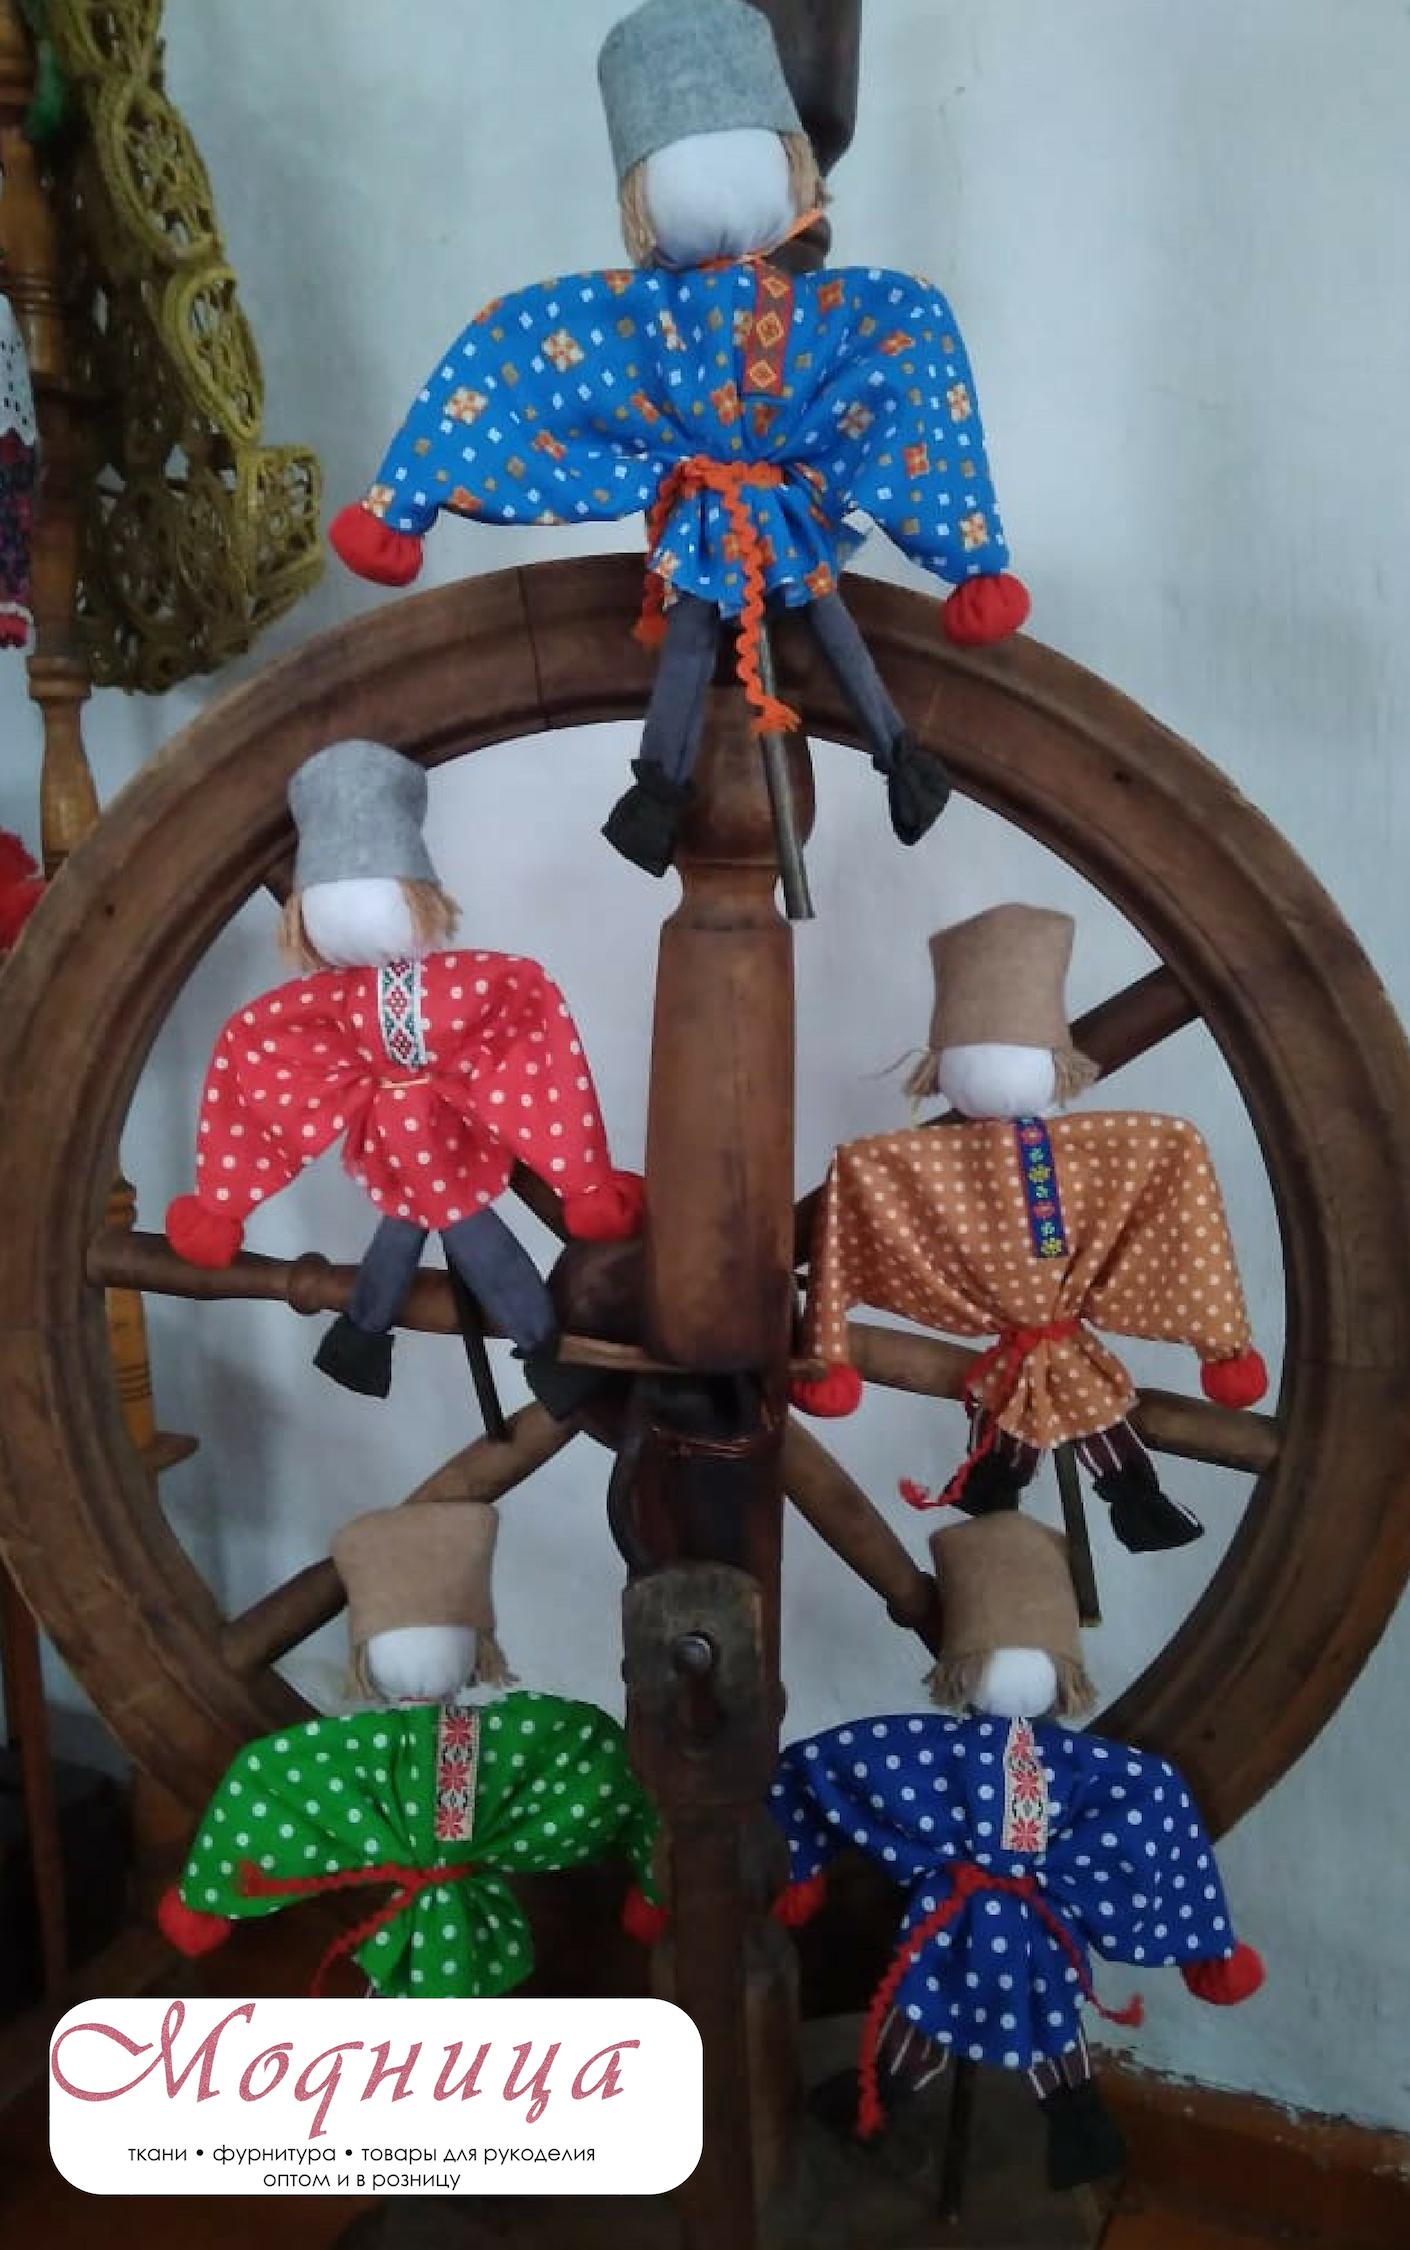 магазин модница екатеринбург ткани фурнитура товары для рукоделия